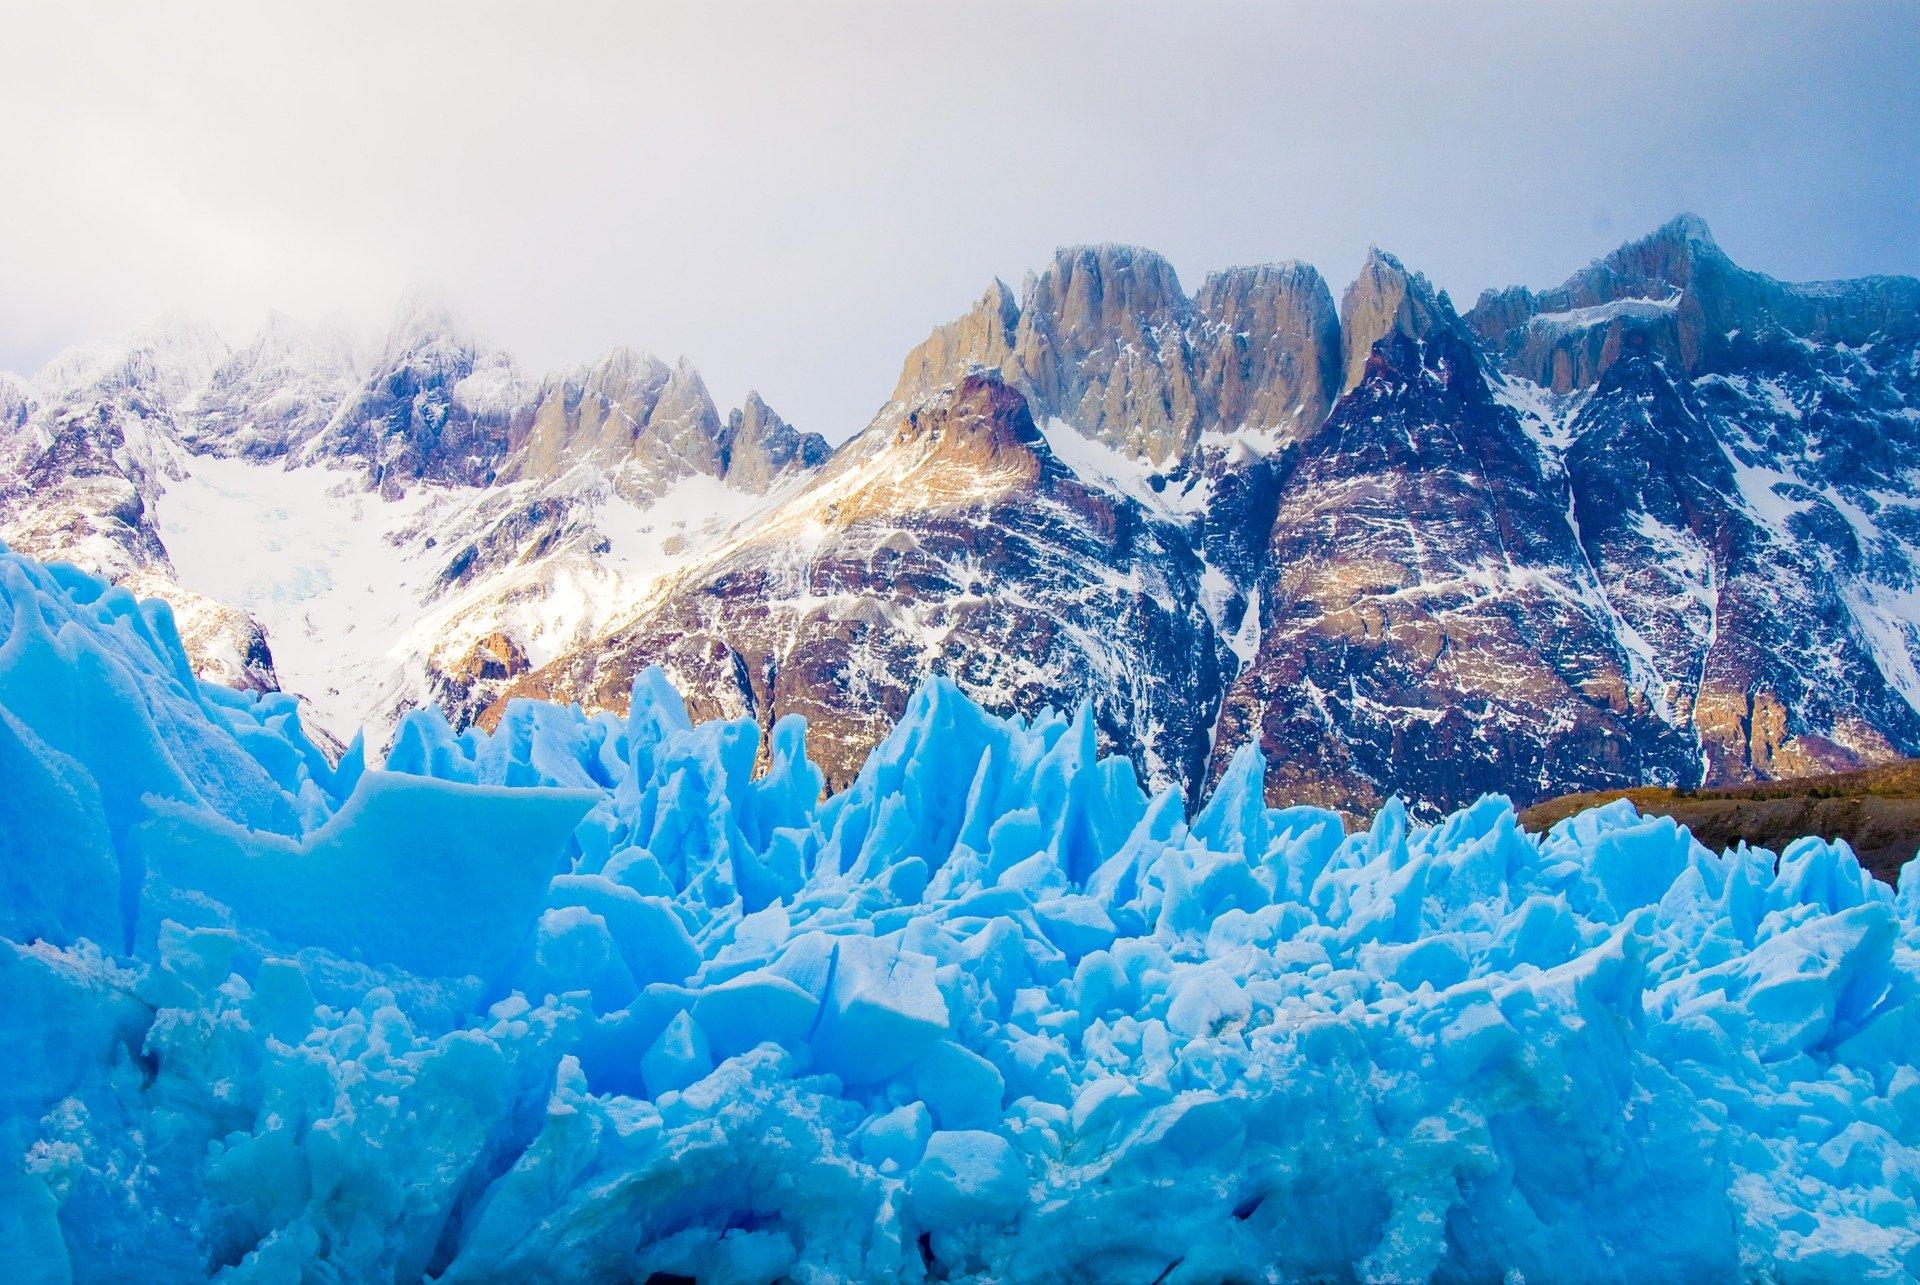 glacier-1740890_1920